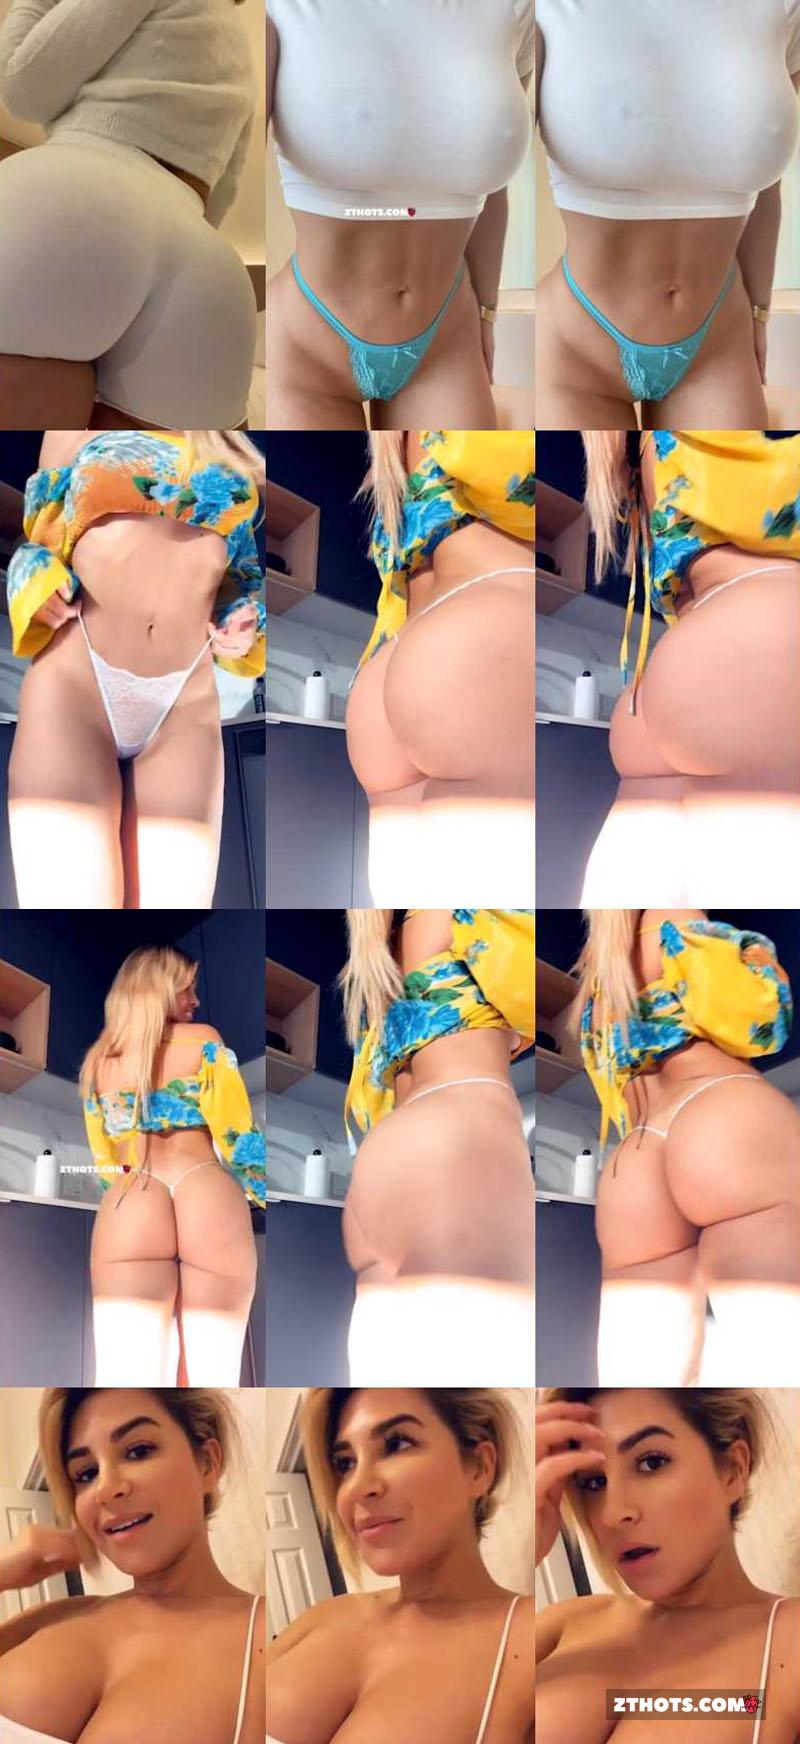 Laurenpisciotta Perfect Ass